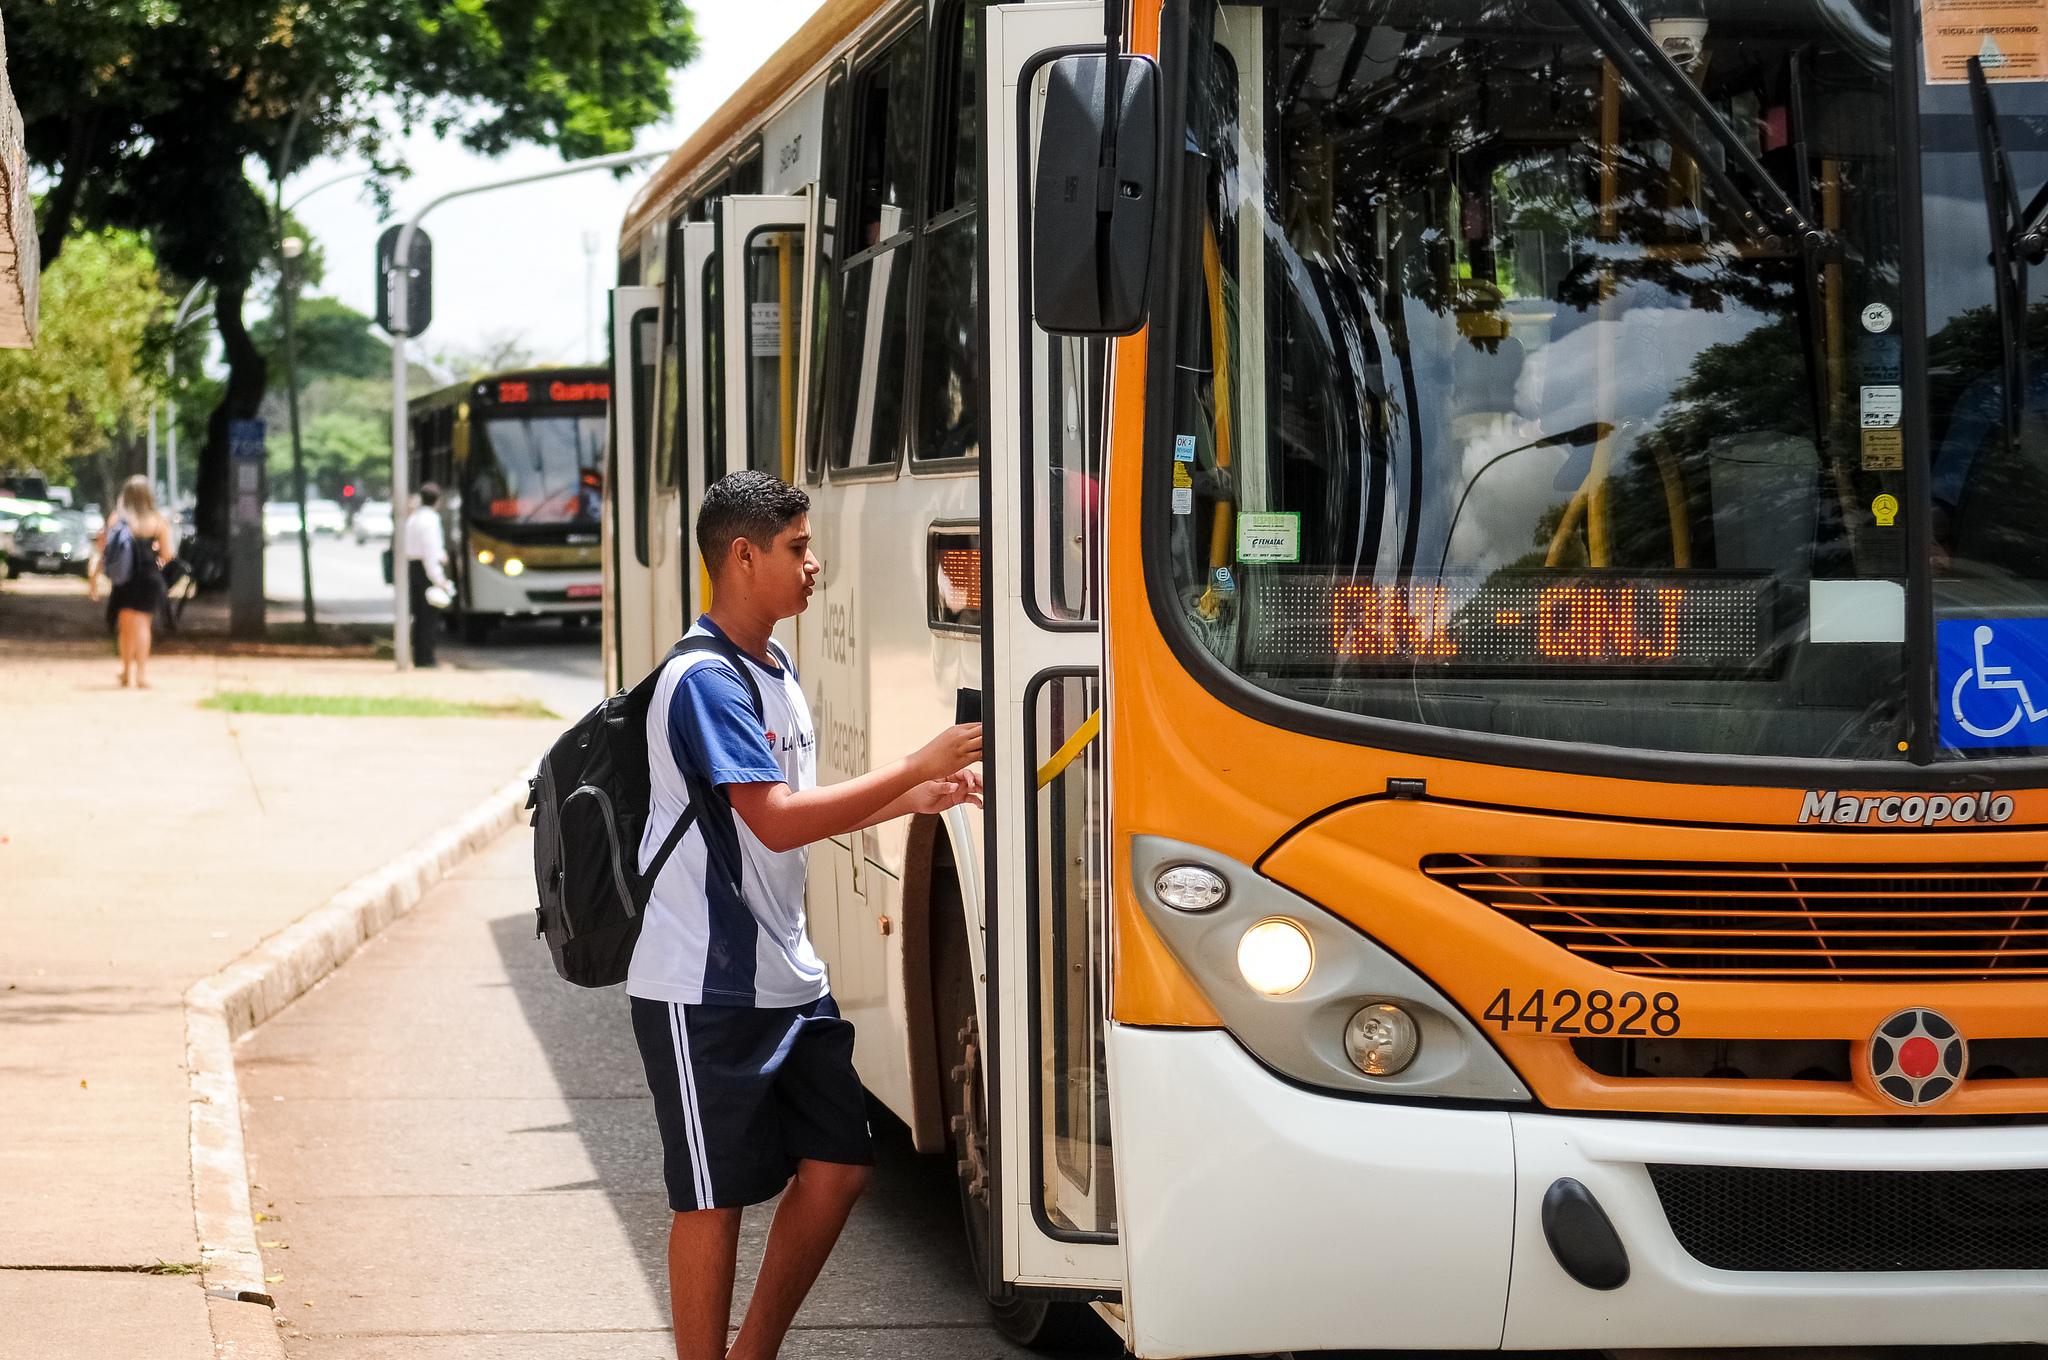 Transporte - ônibus  - transportes públicos passe livre estudantil estudantes alunos gratuidade passagem